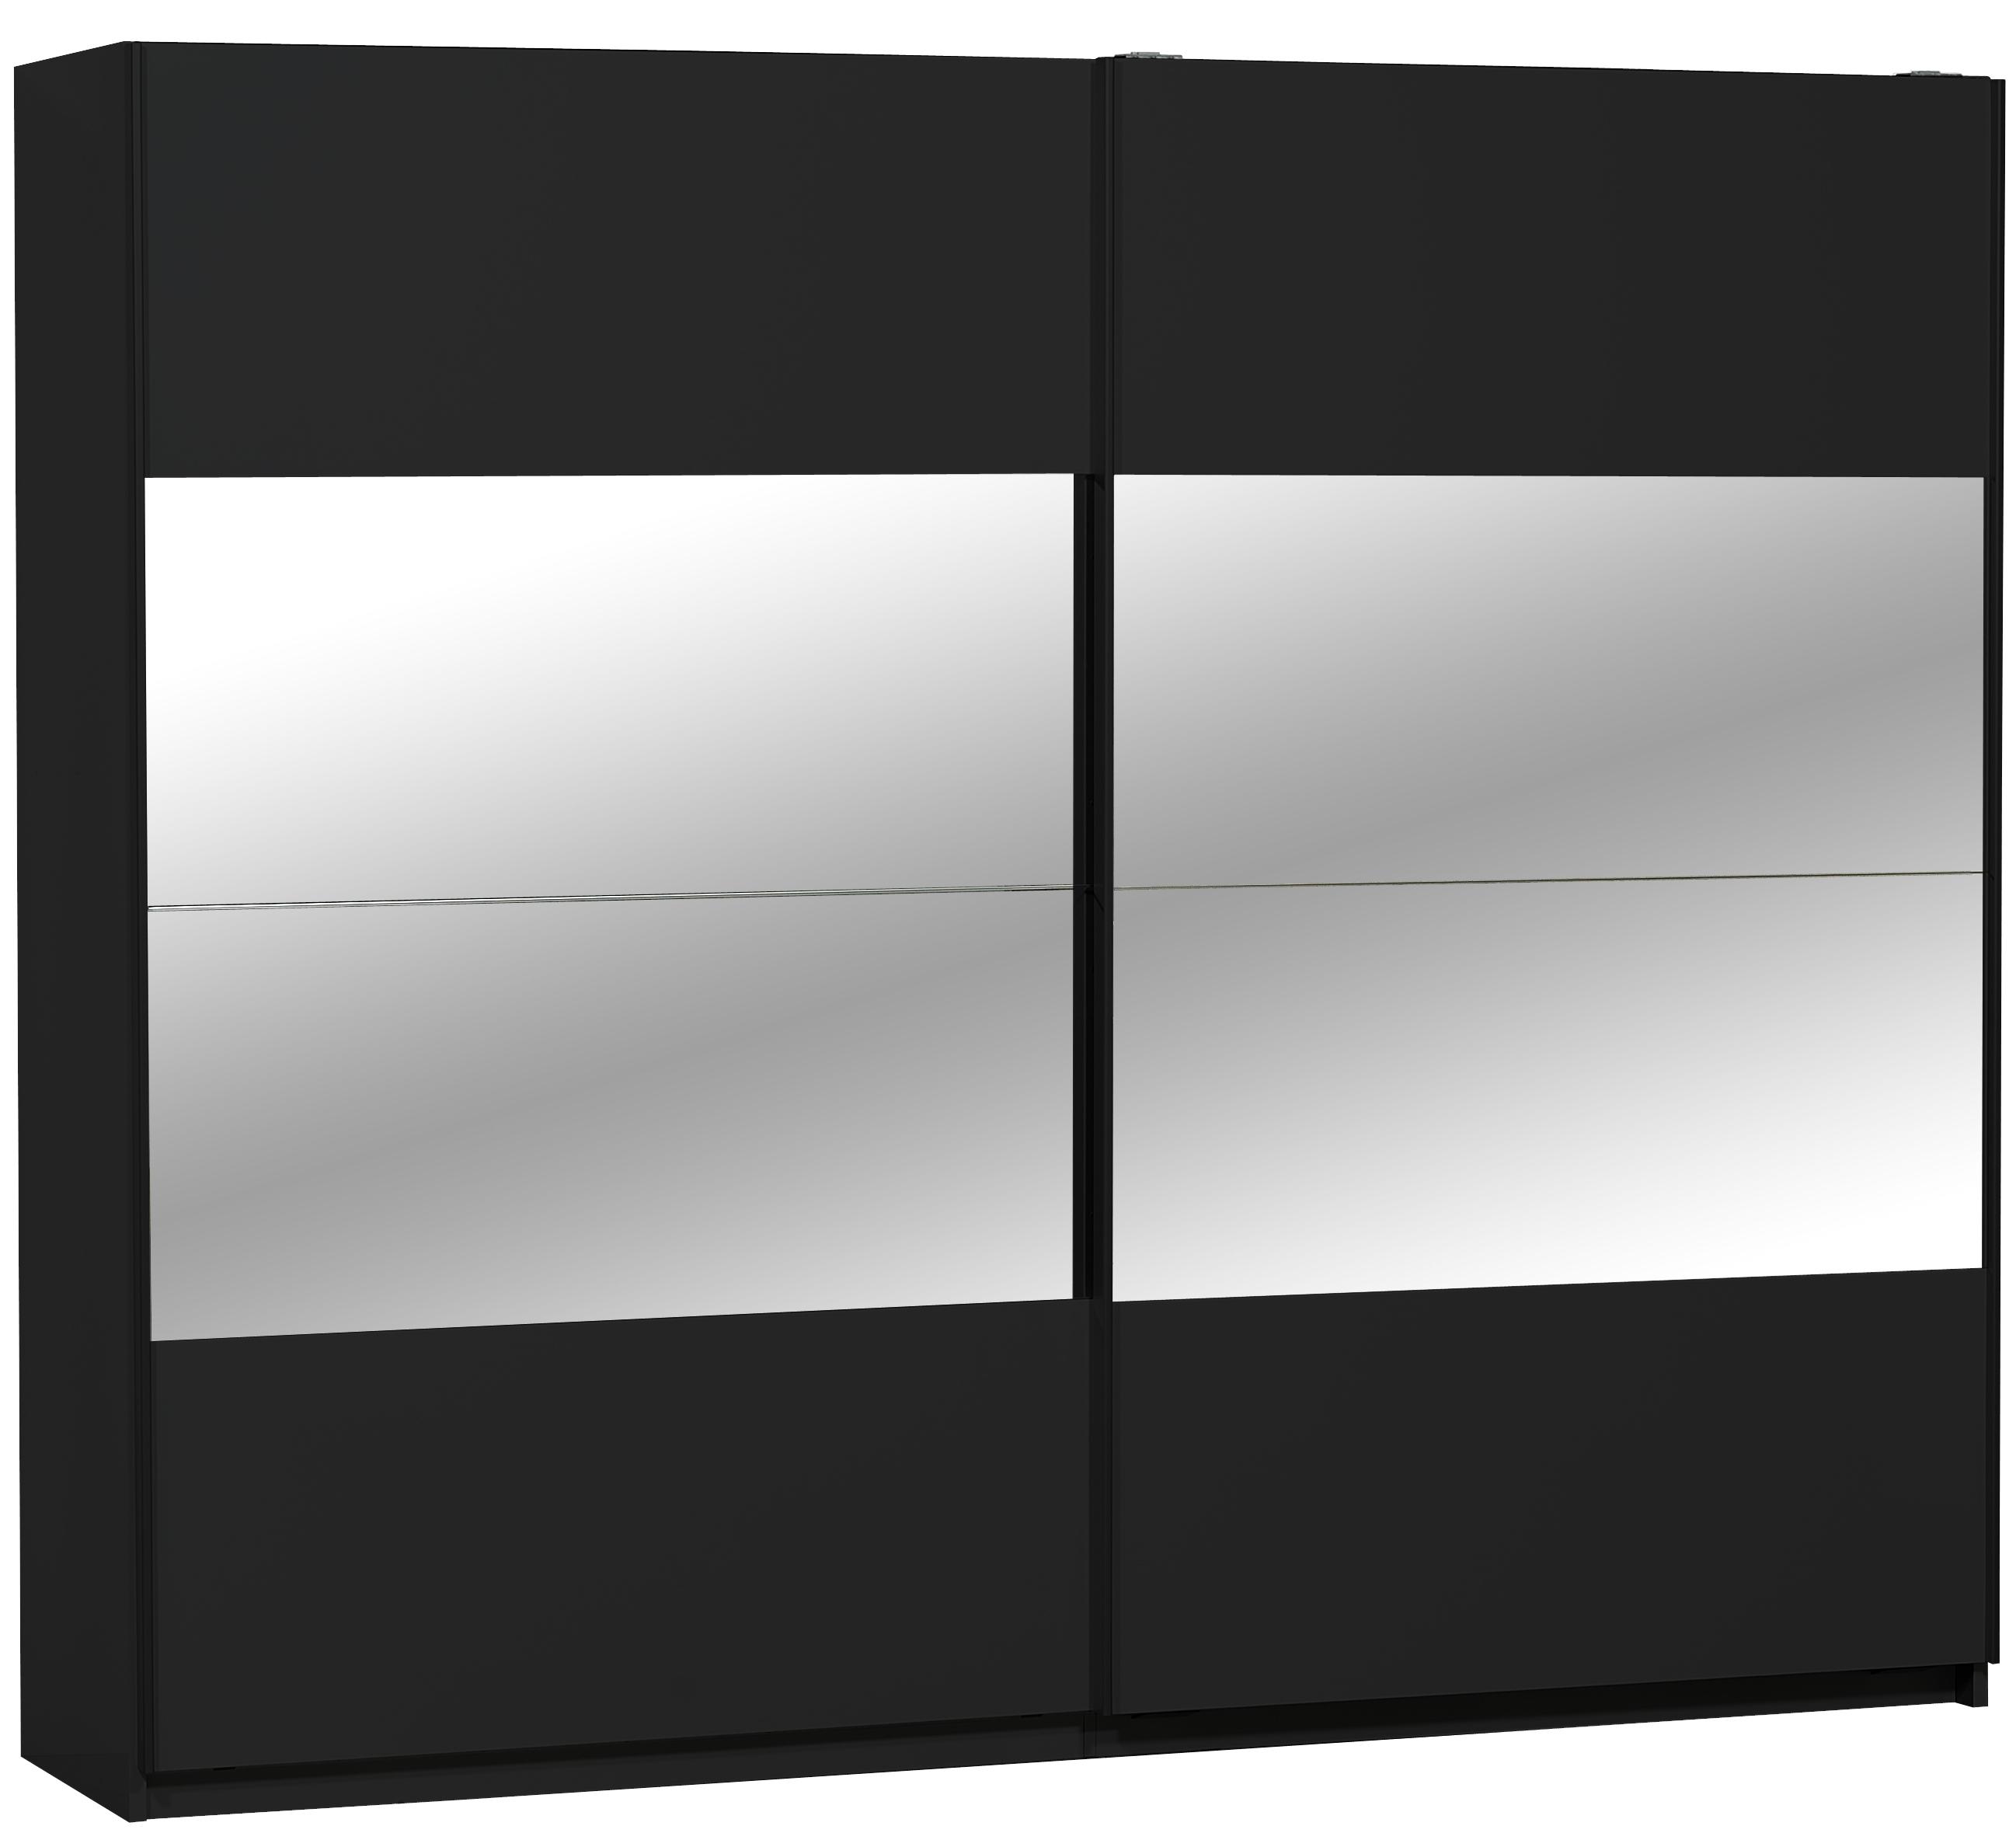 Armoire 2 portes coulissantes Noir et Miroir 260 cm Balus